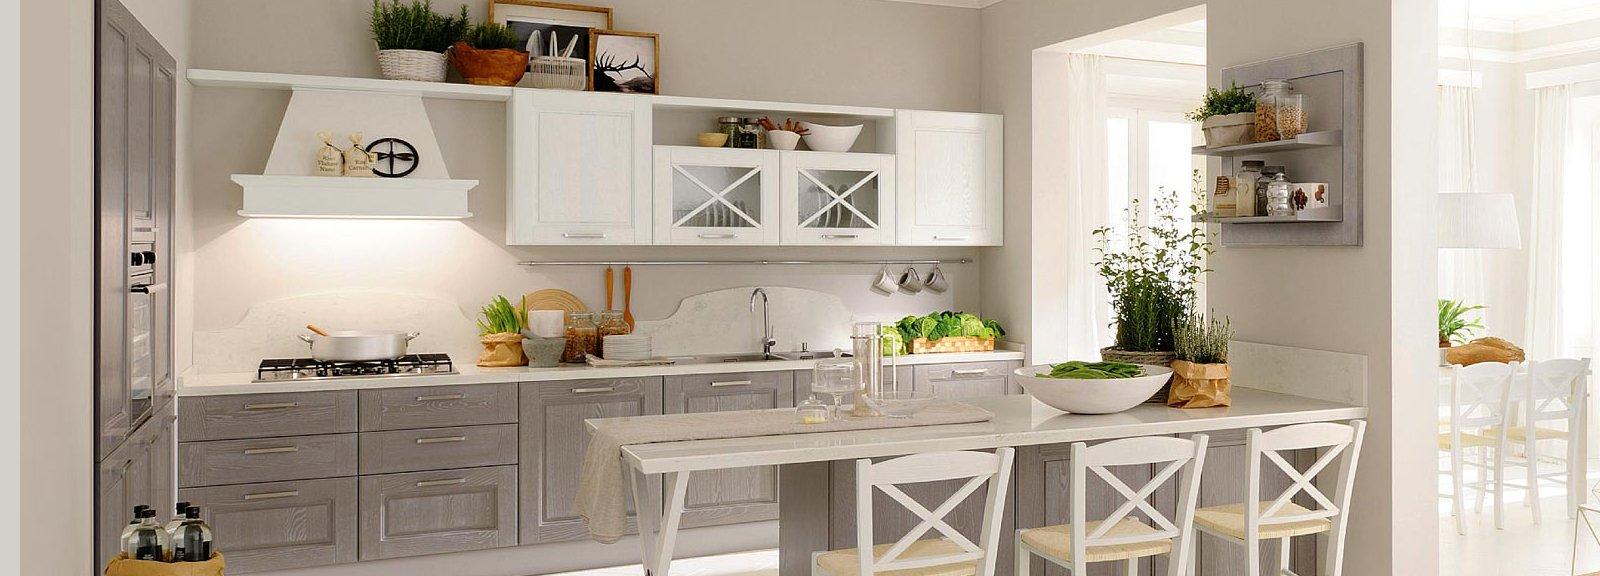 Cucine r tro una tradizione senza tempo cose di casa for Como modernizar una cocina clasica